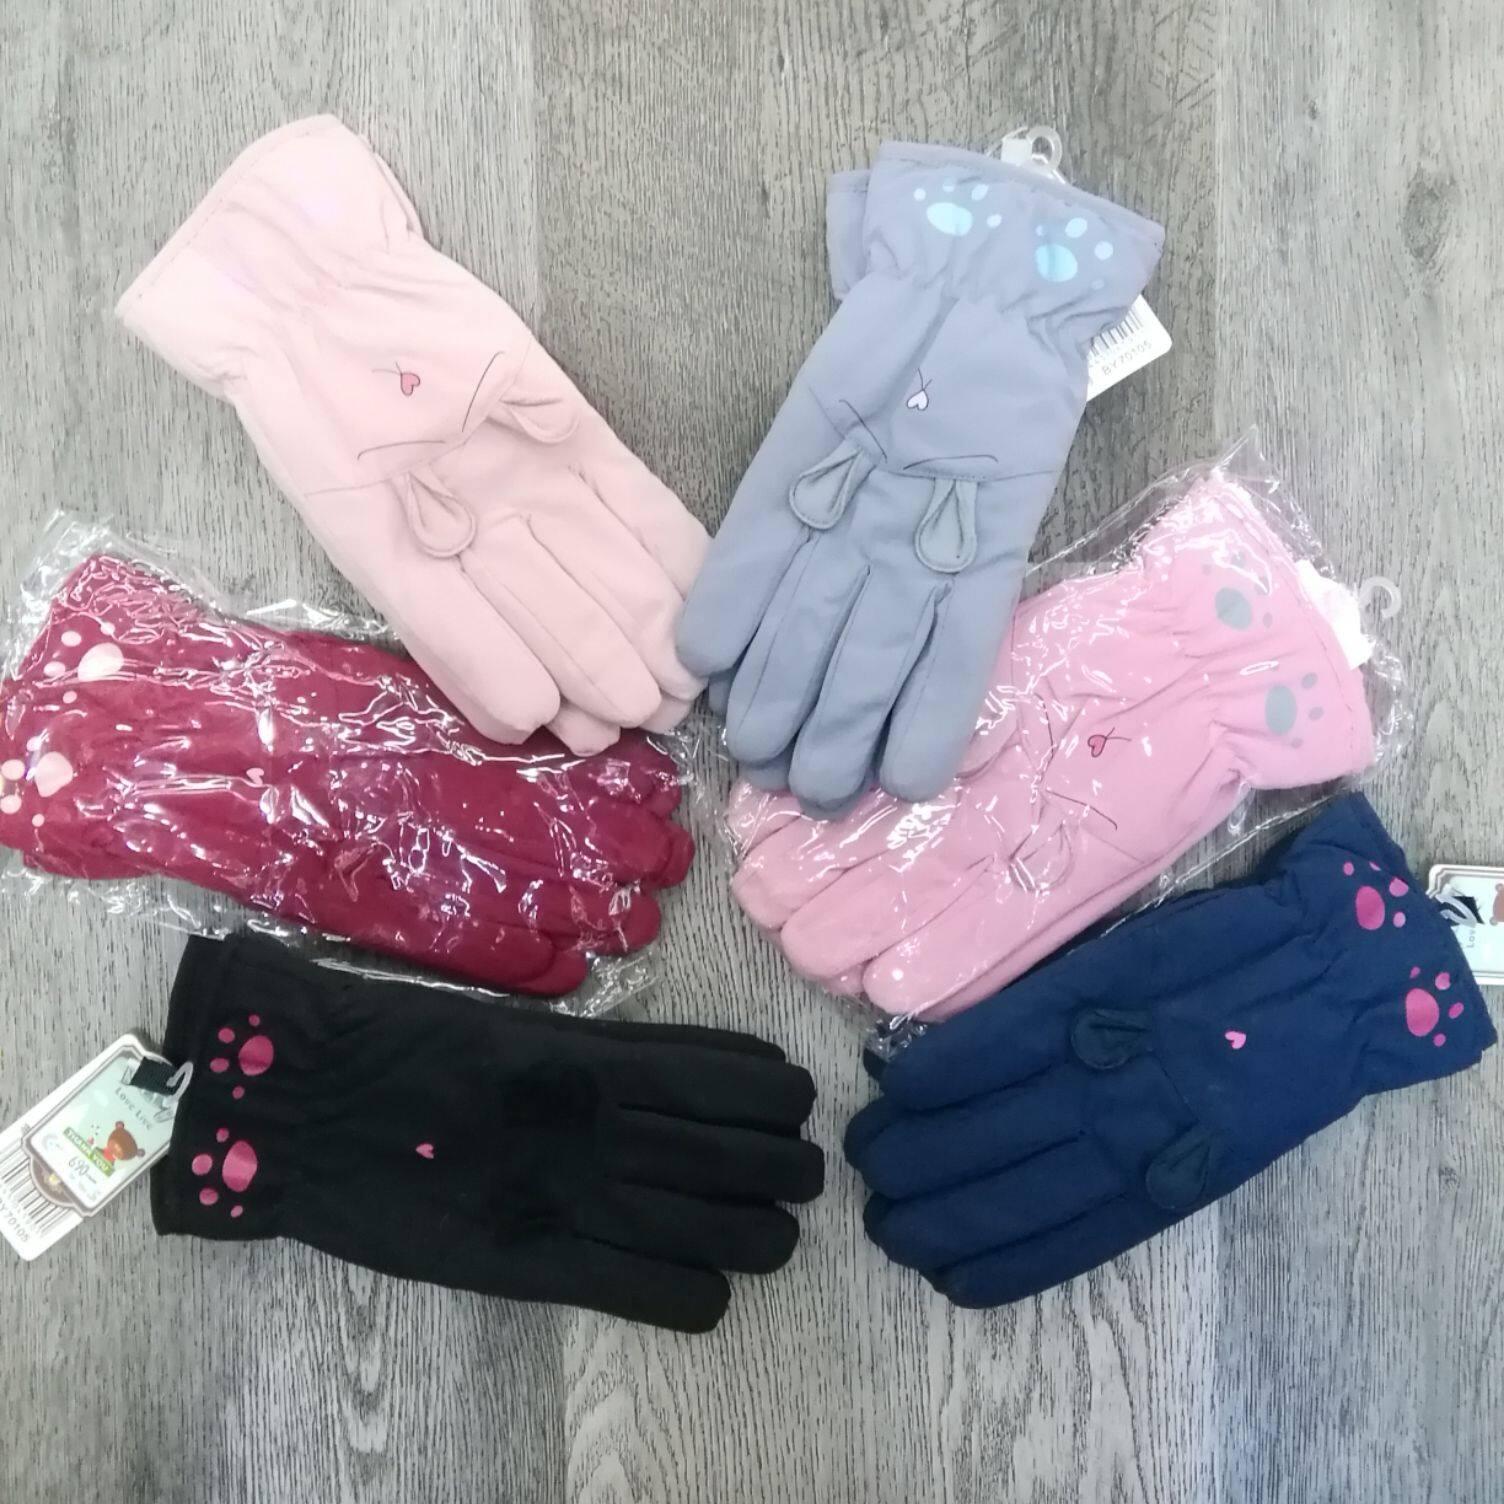 ถุงมือสกีกันหิมะเด็กหญิงมีบุขนนิ่มๆด้านในสีสดใส